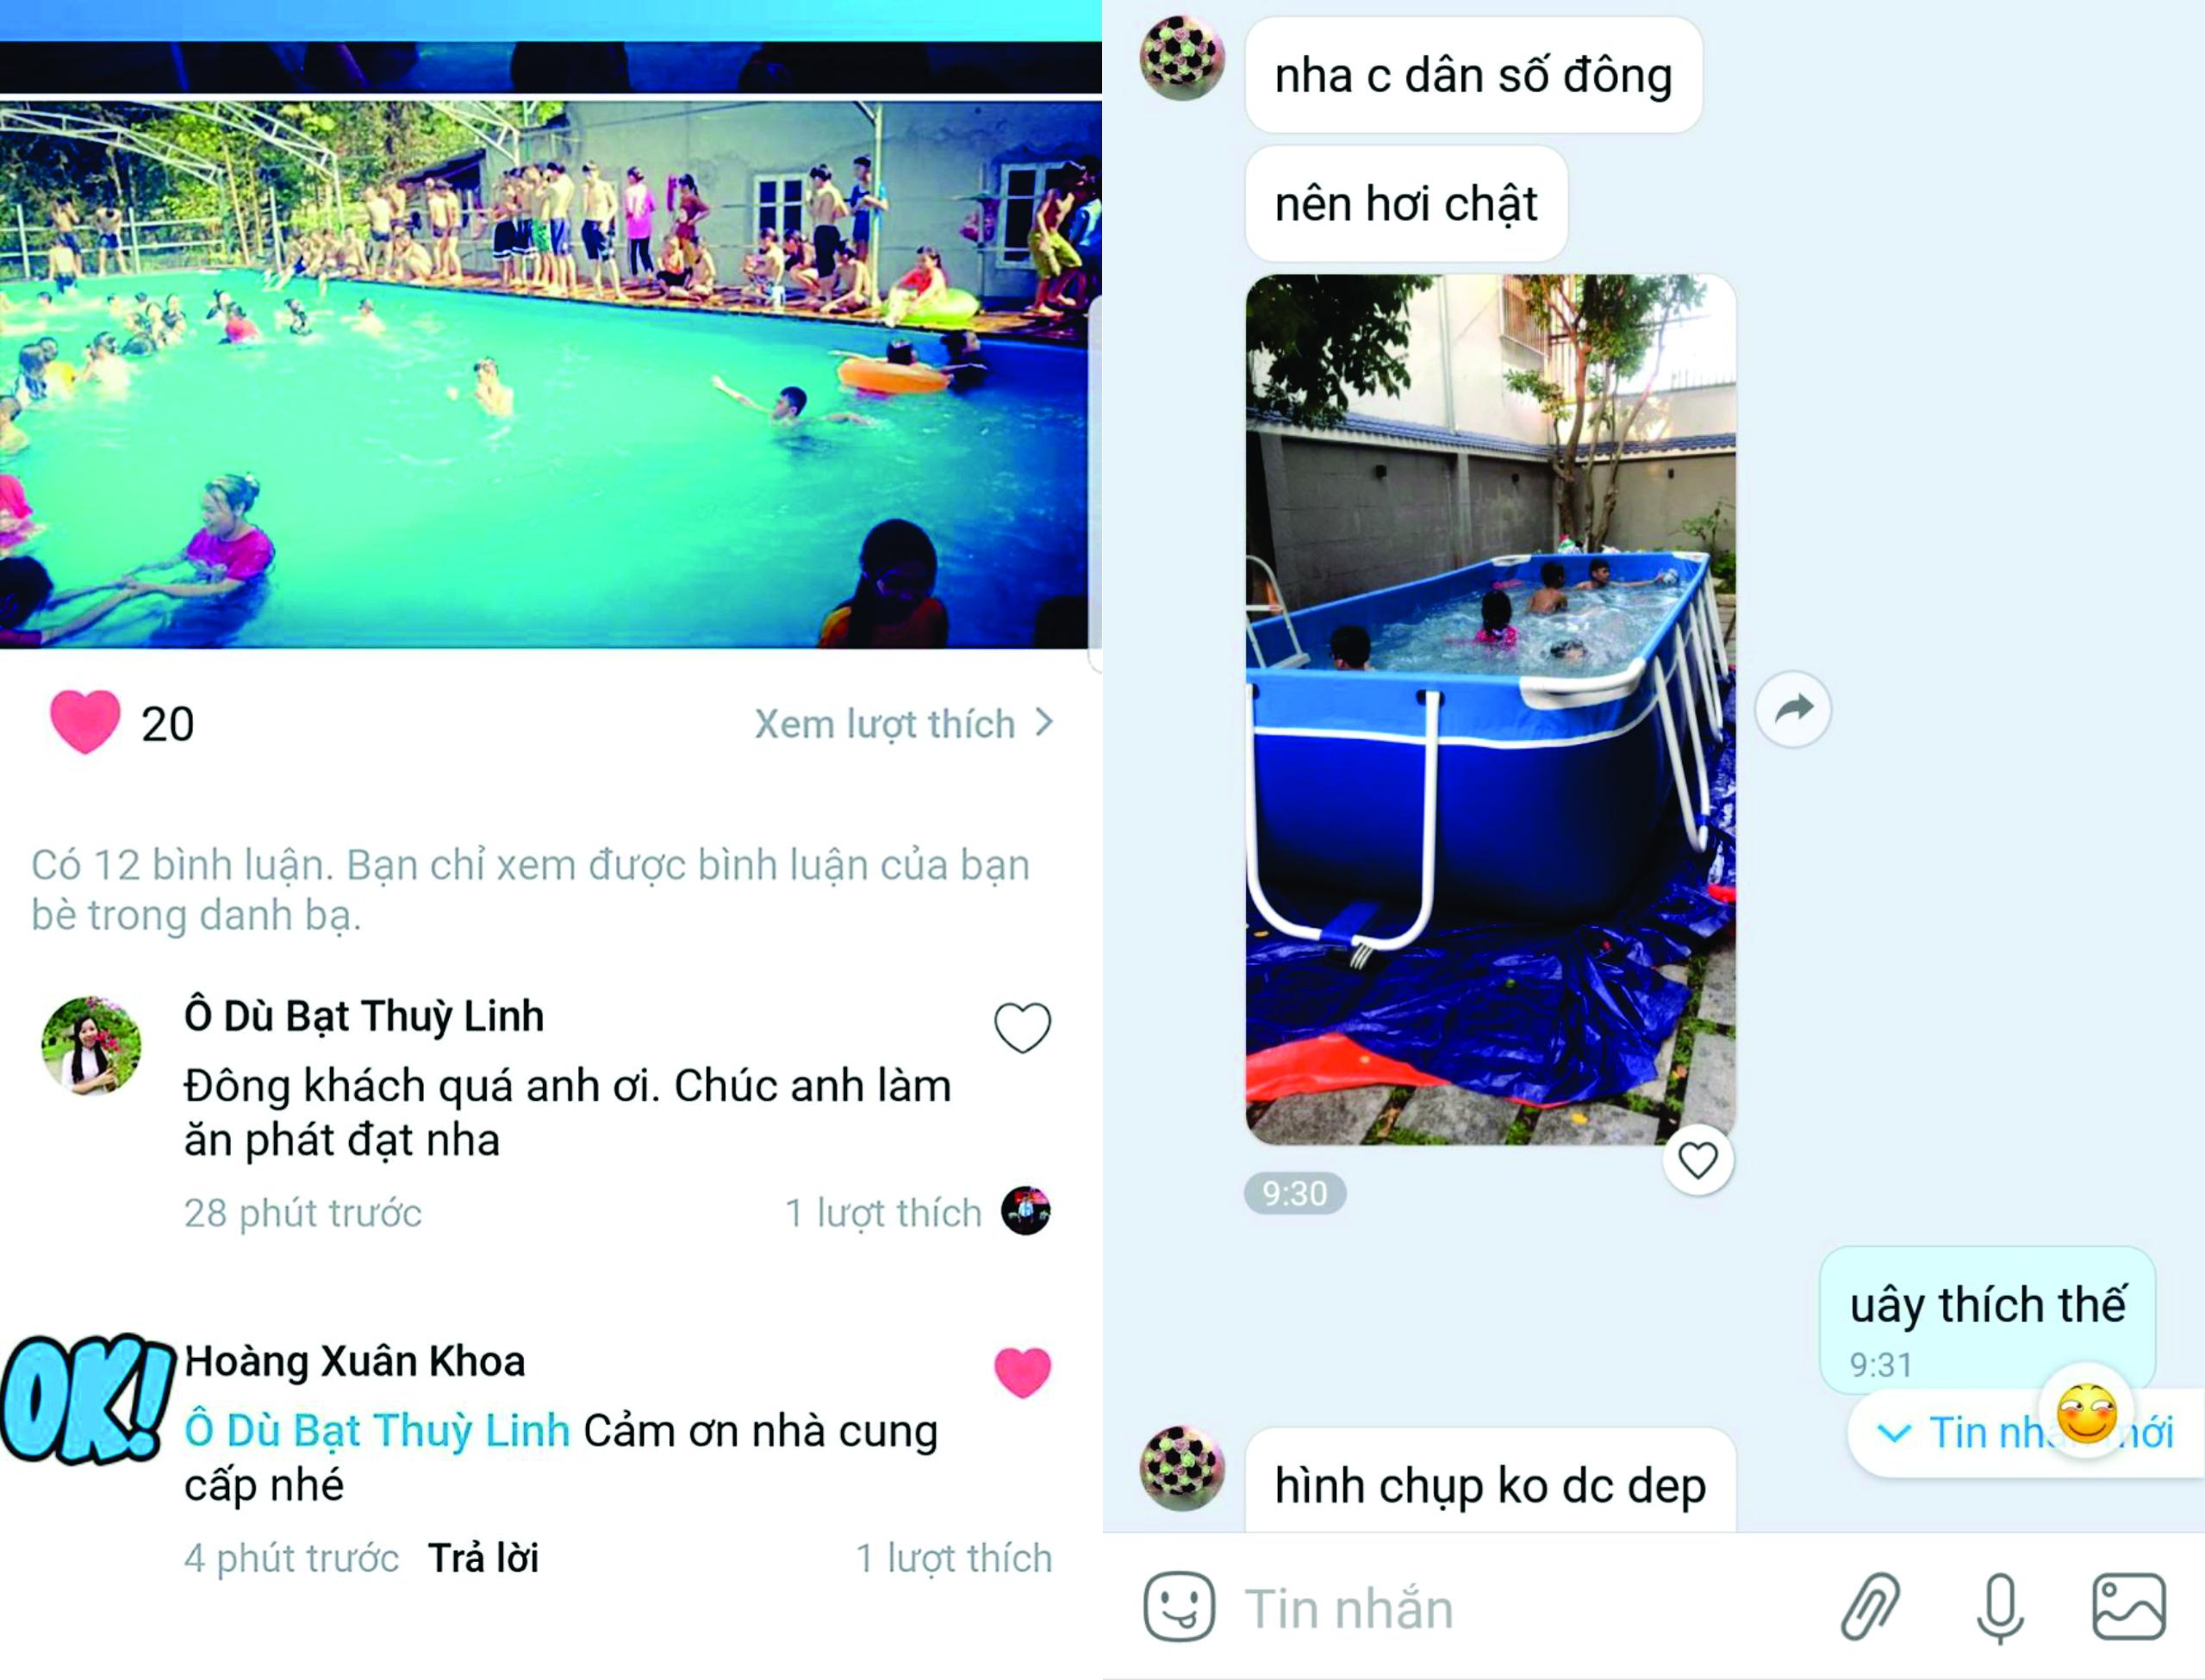 feedback khác hàng đã sử dụng bể bơi di động lắp ghép